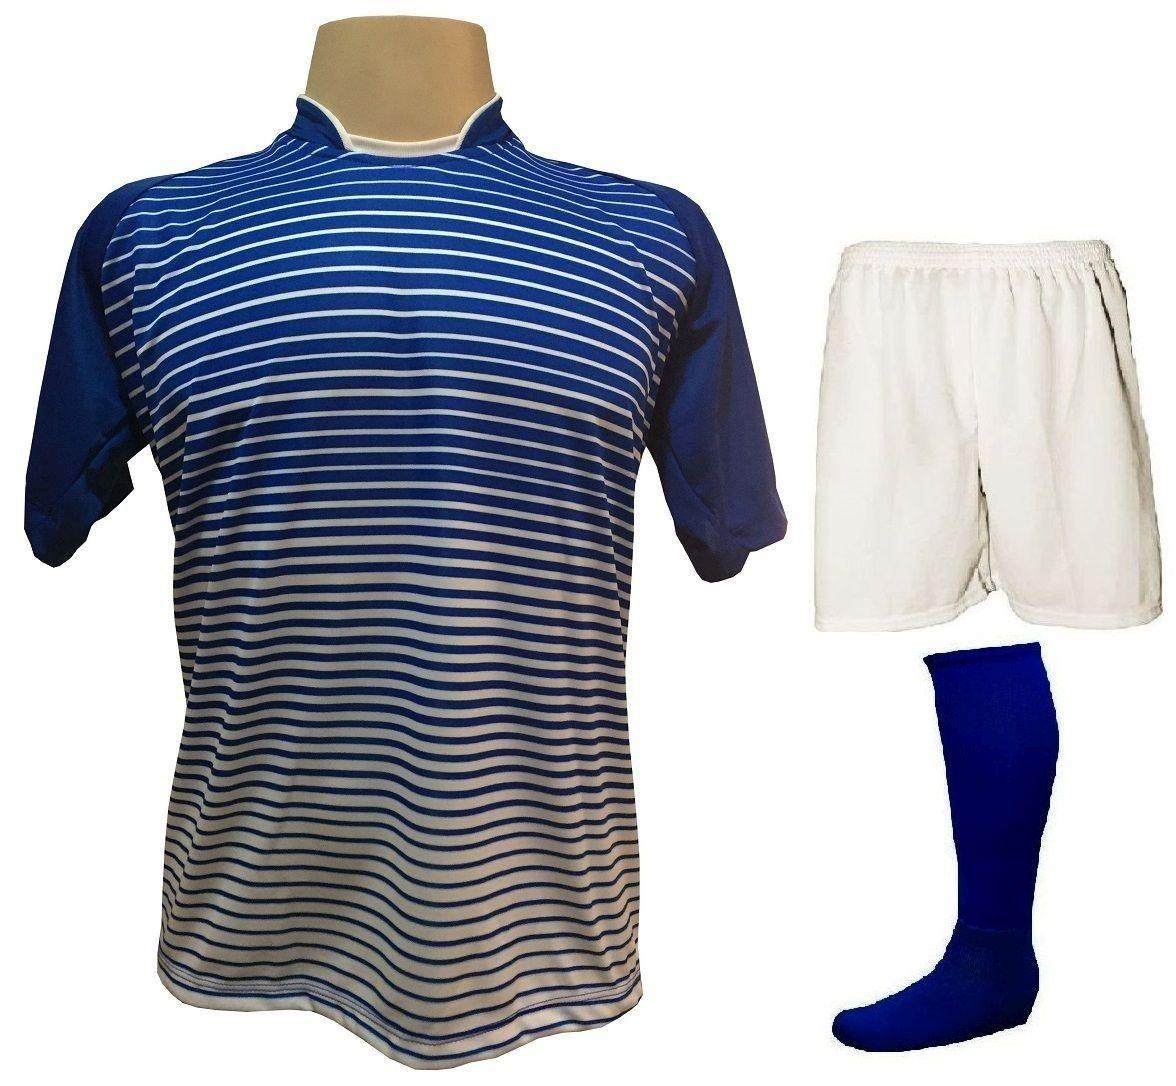 Uniforme Esportivo com 18 camisas modelo City Royal/Branco + 18 calções modelo Madrid Branco + 18 pares de meiões Royal